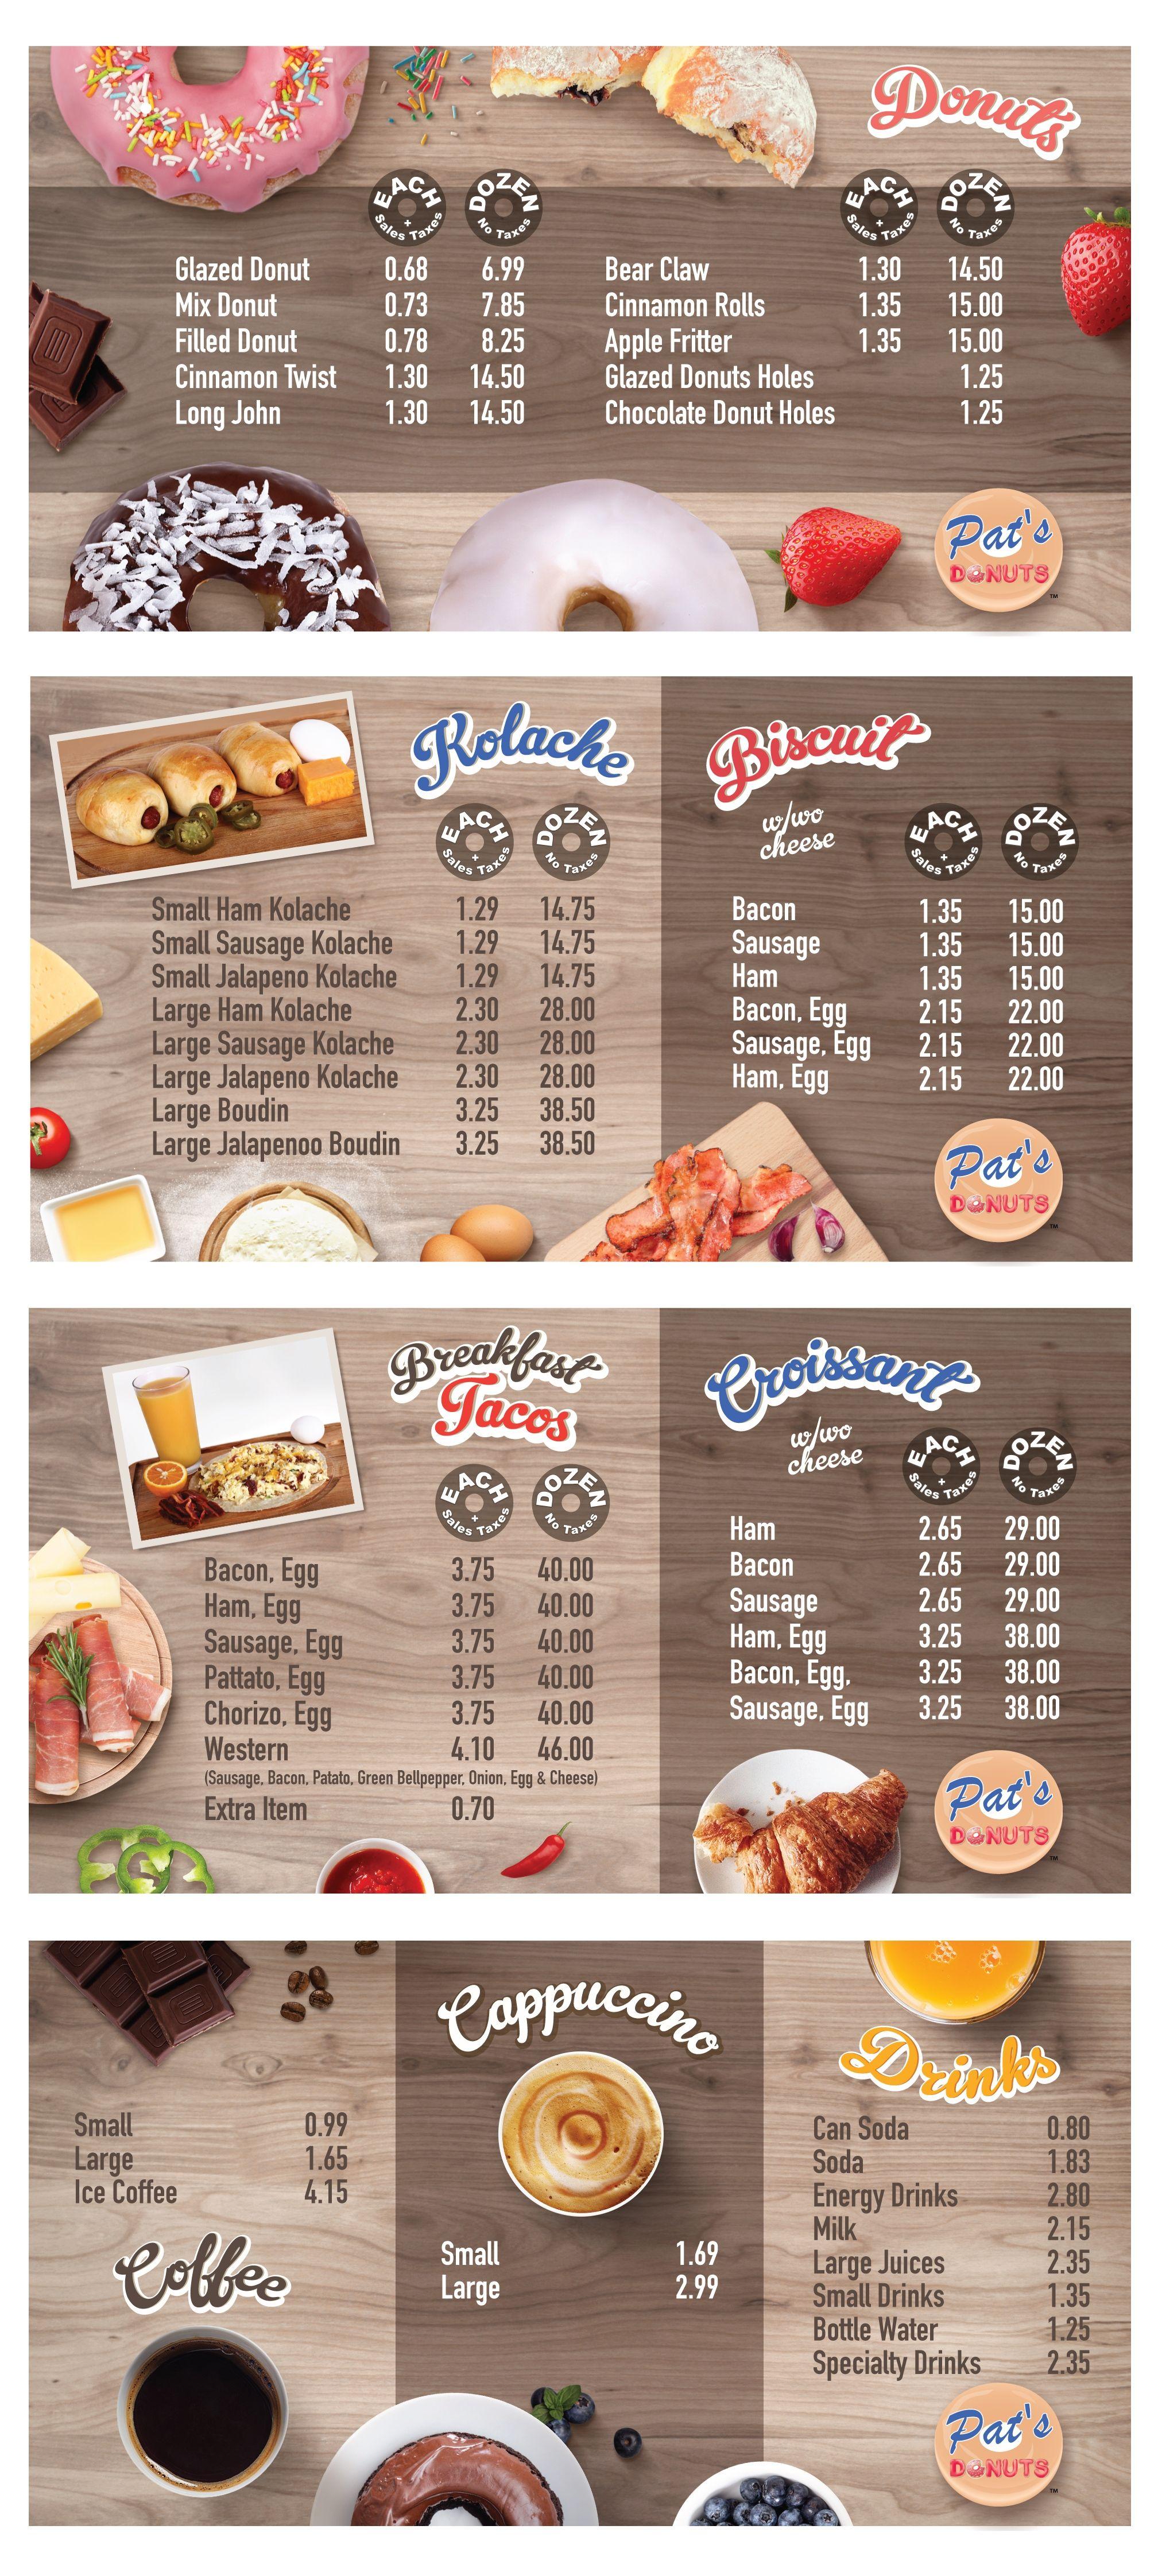 designs donut shop needs new menu design menu contest by alina s